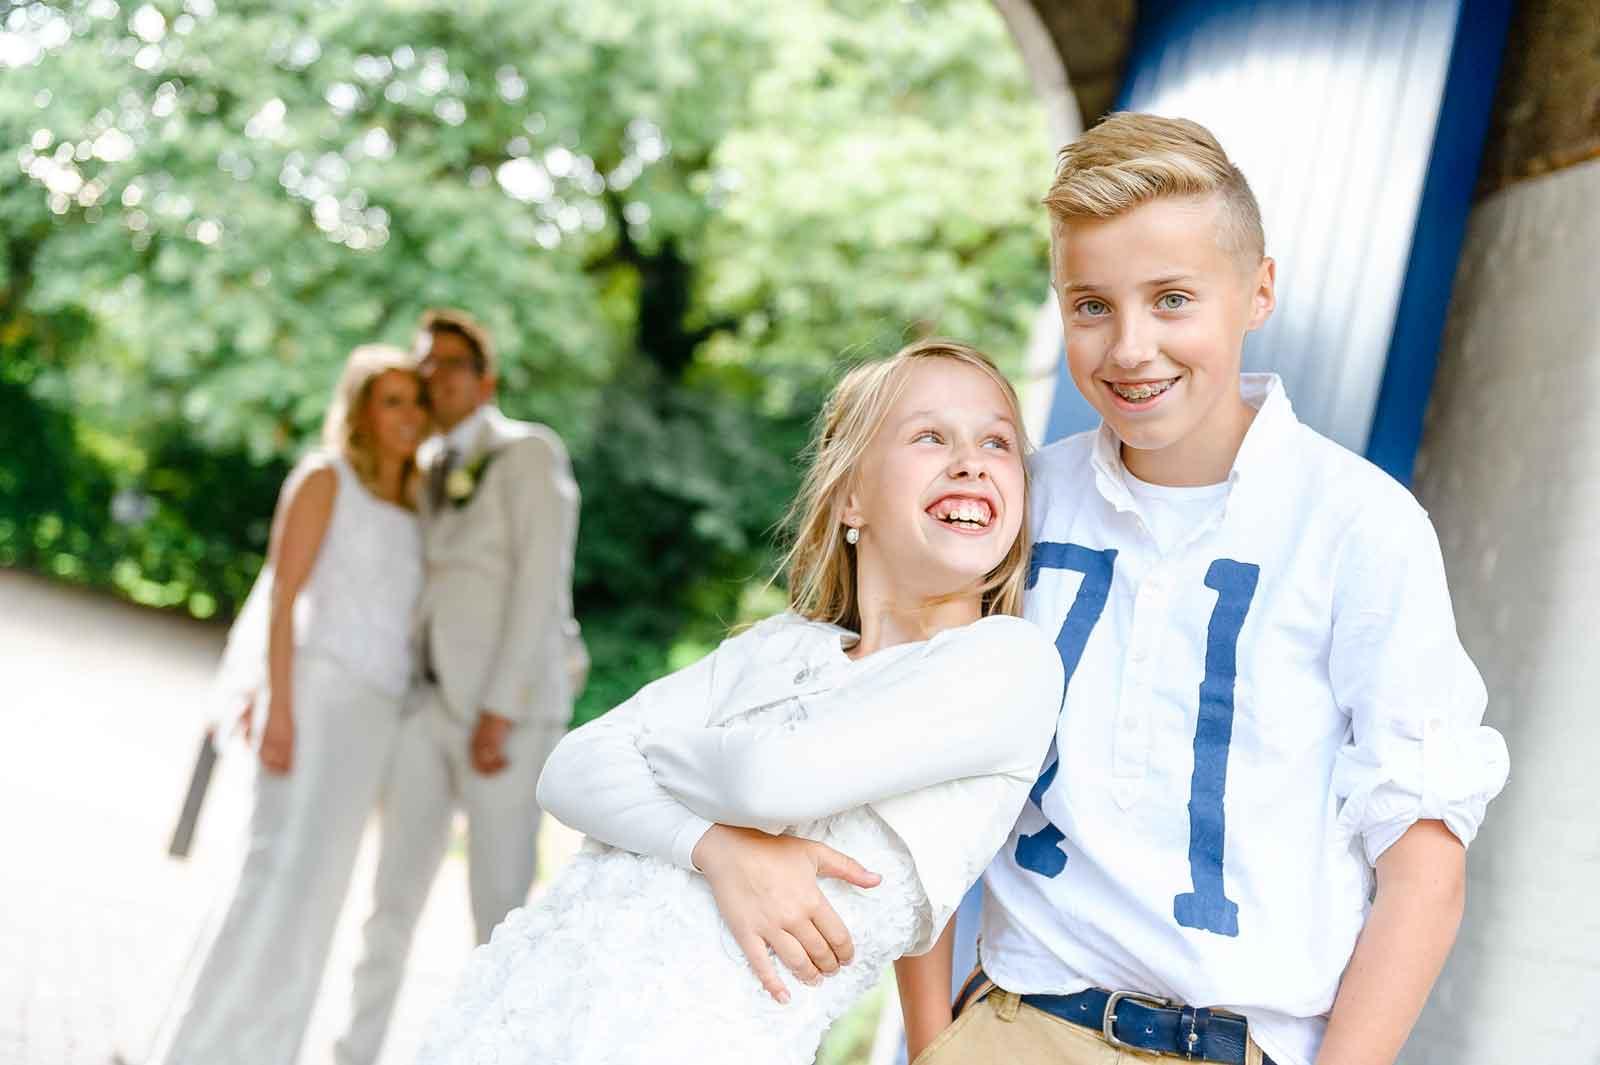 Brudiskinderen op de voorgrond pappa en mamma staan vers getrouwd op de achtergrond bij Winselerhof Landgraaf